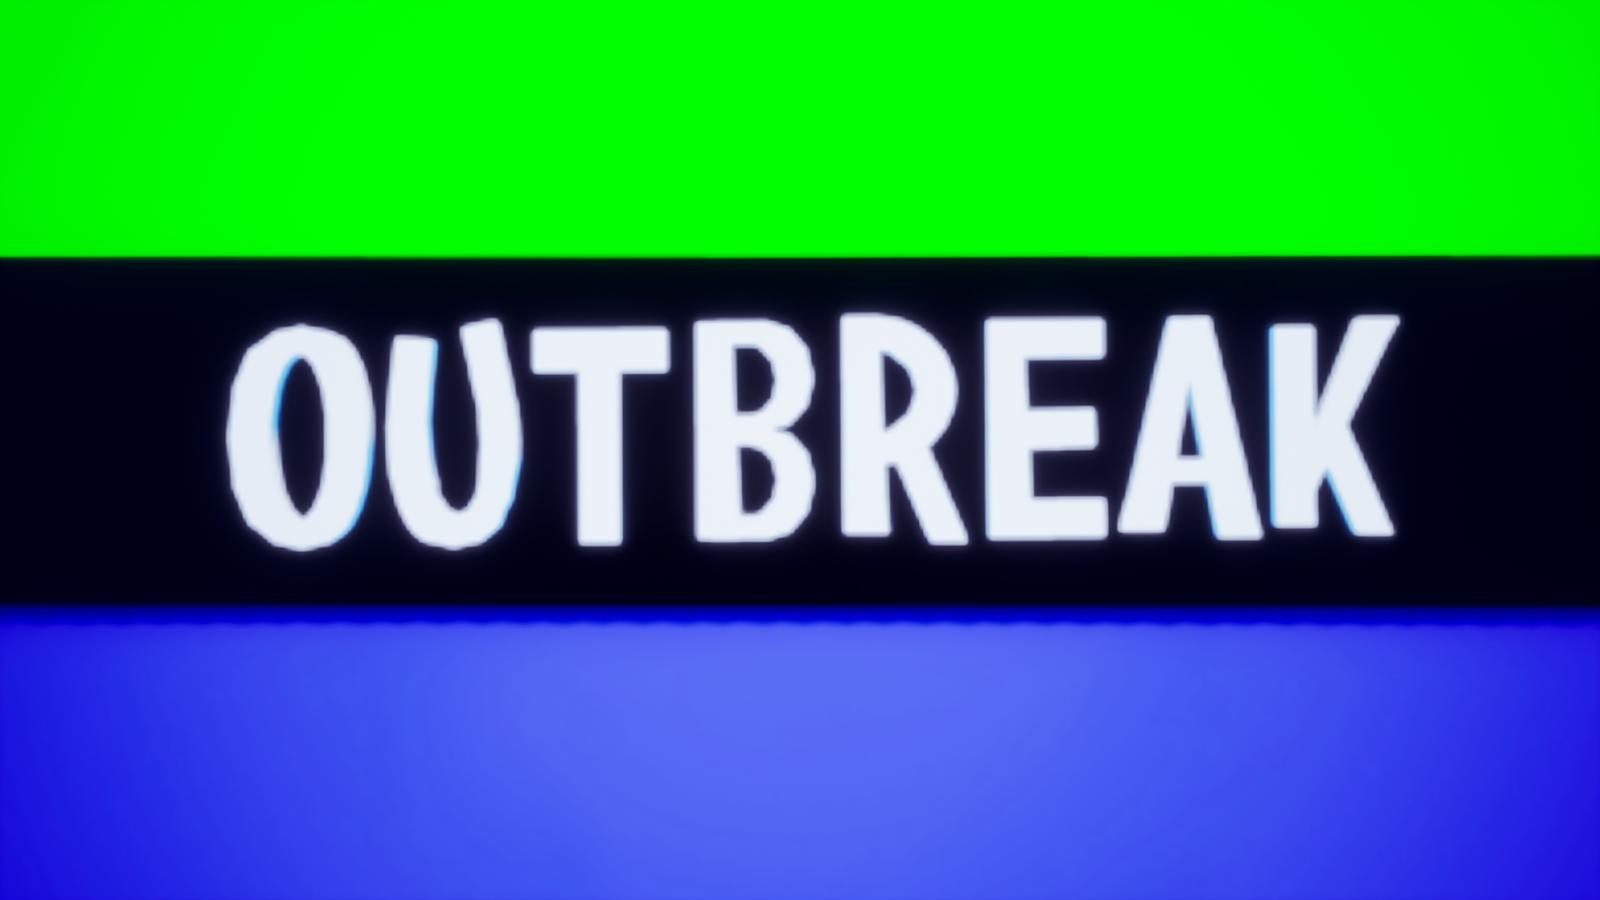 Outbreak 1234-9285-4108 by echo